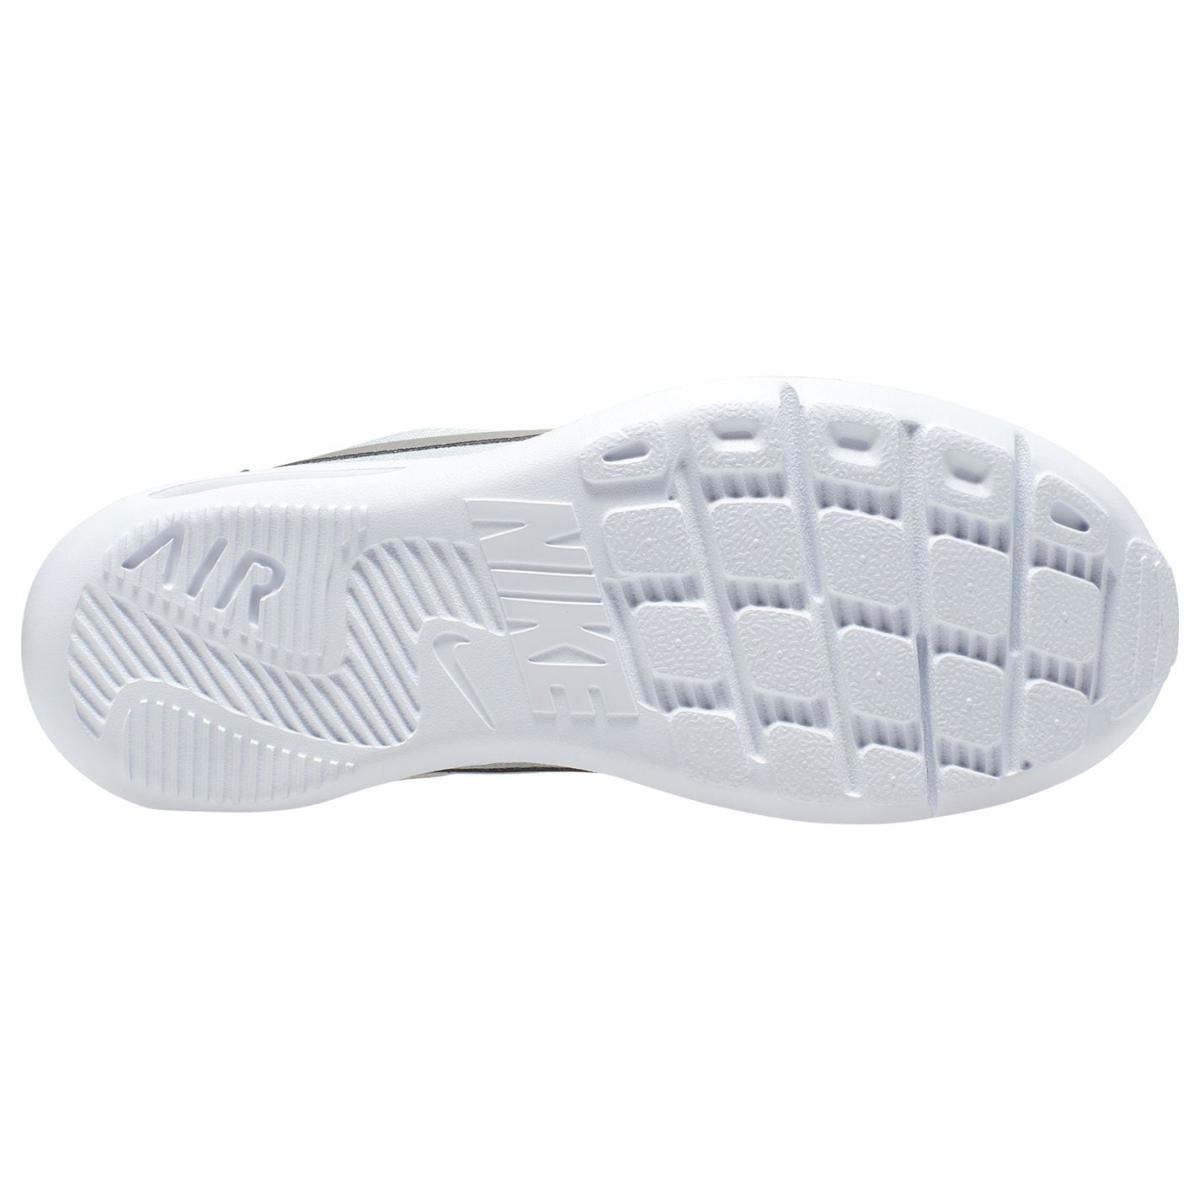 Nike-Air-Max-Oketo-Turnschuhe-Laufschuhe-Damen-Sportschuhe-Sneaker-4034 Indexbild 11